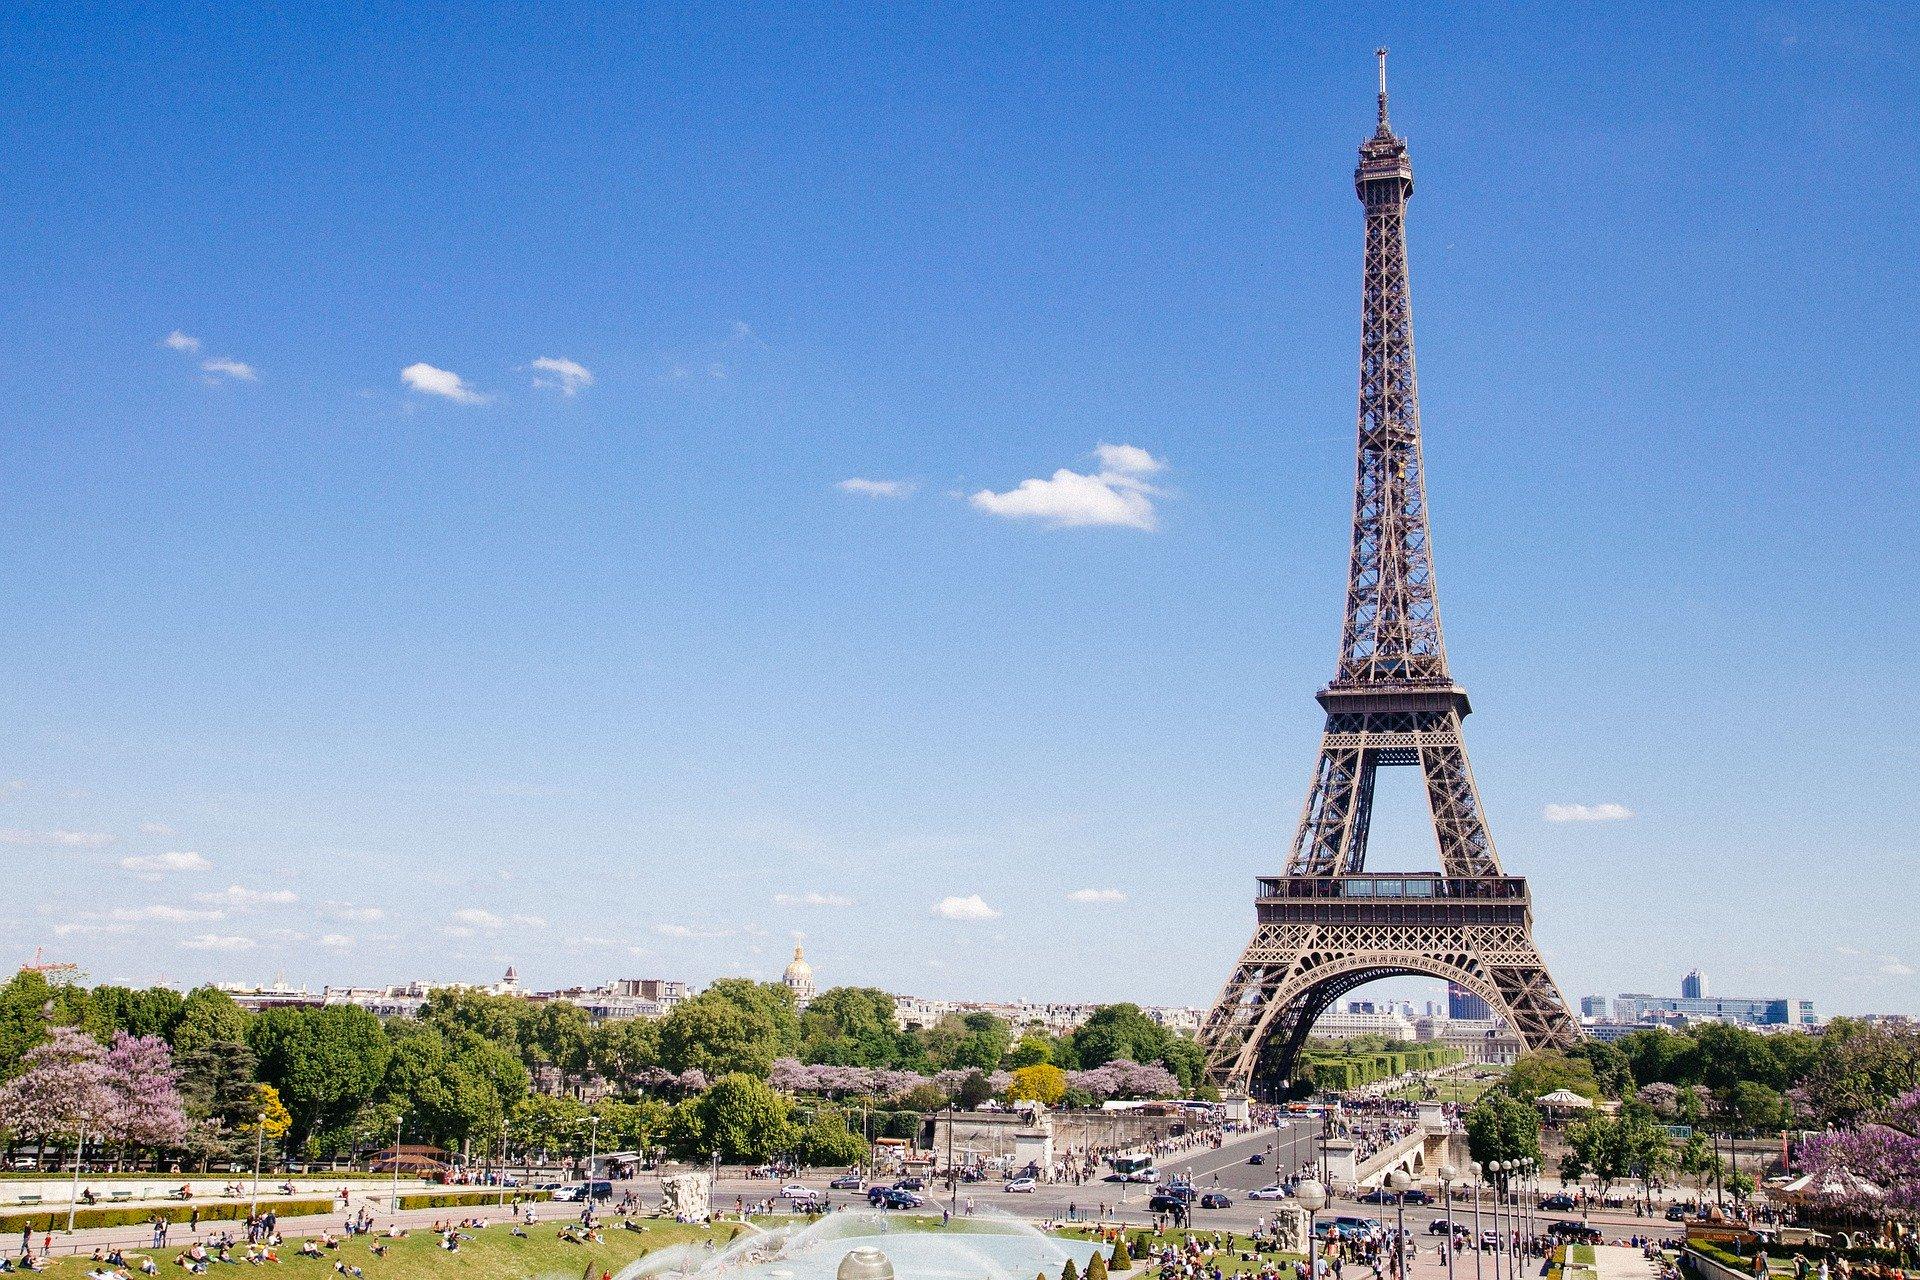 posti da visitare almeno una volta nella vita in europa